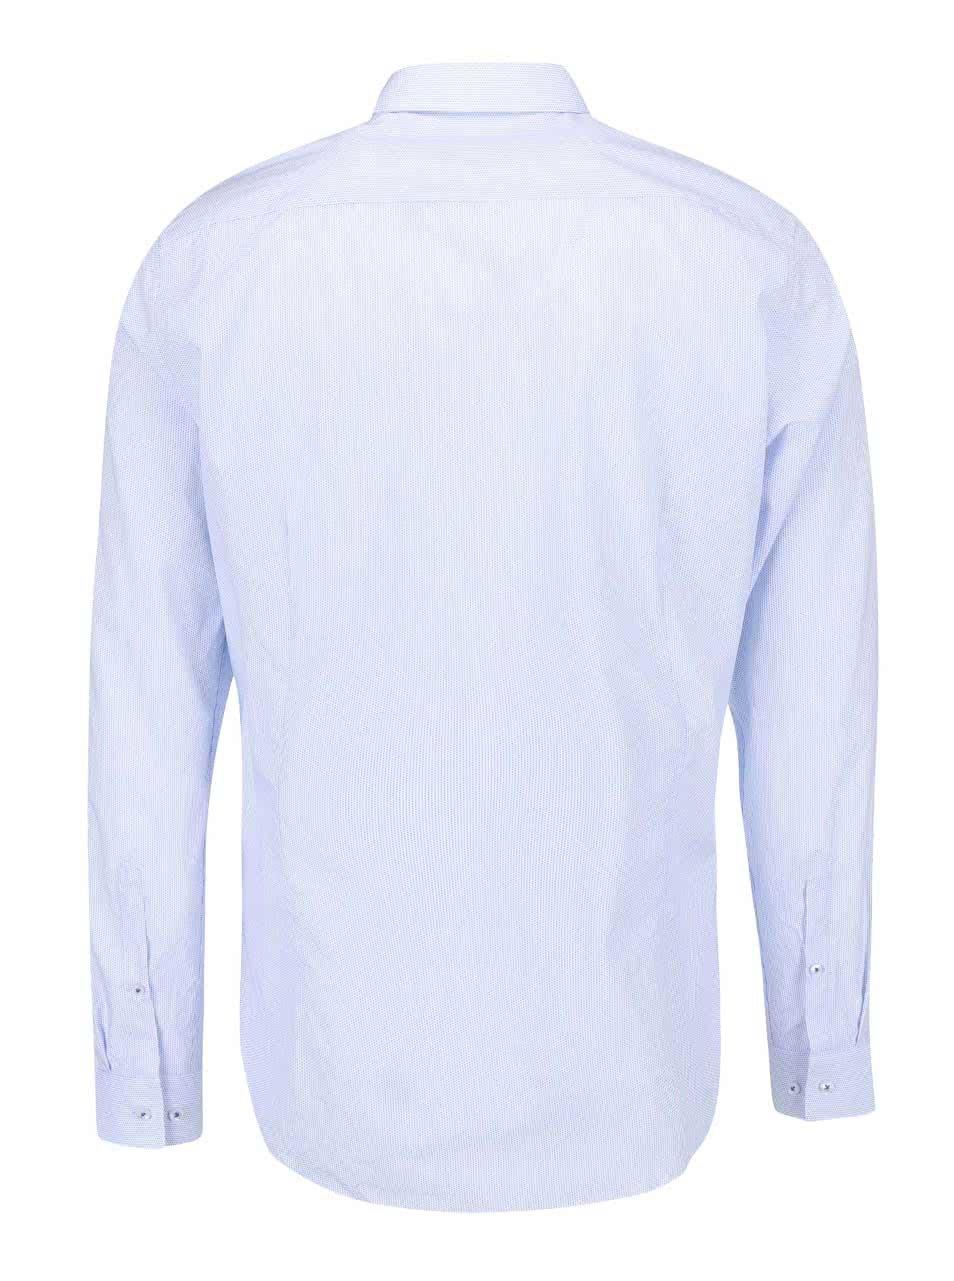 0d92da229863 Modro-biela bodkovaná košeľa Seidensticker Kent Uno Super Slim ...